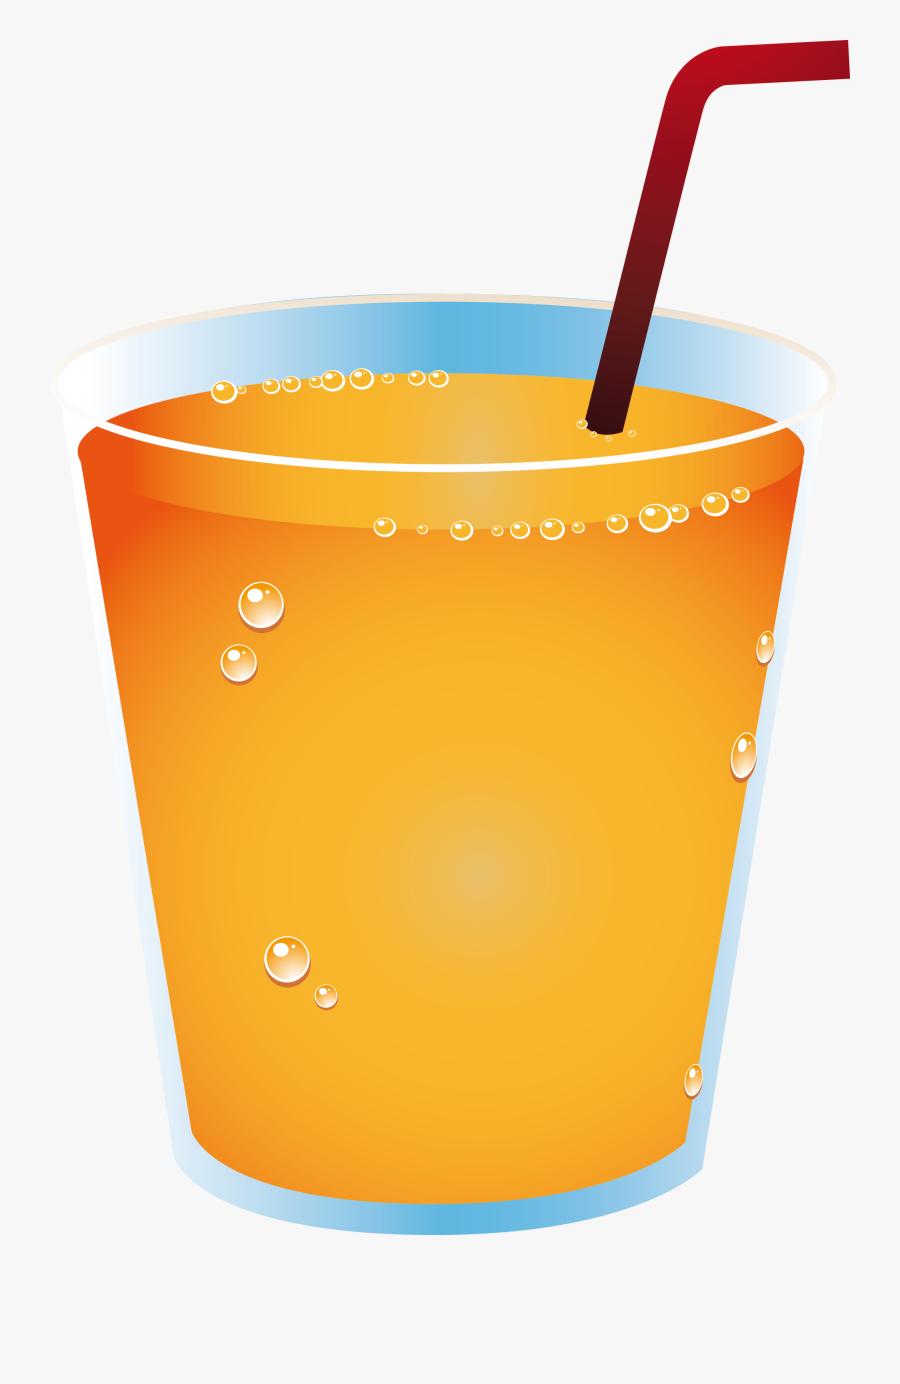 Juice Drink Soft Cup - Orange Juice Drink Cups, Transparent Clipart